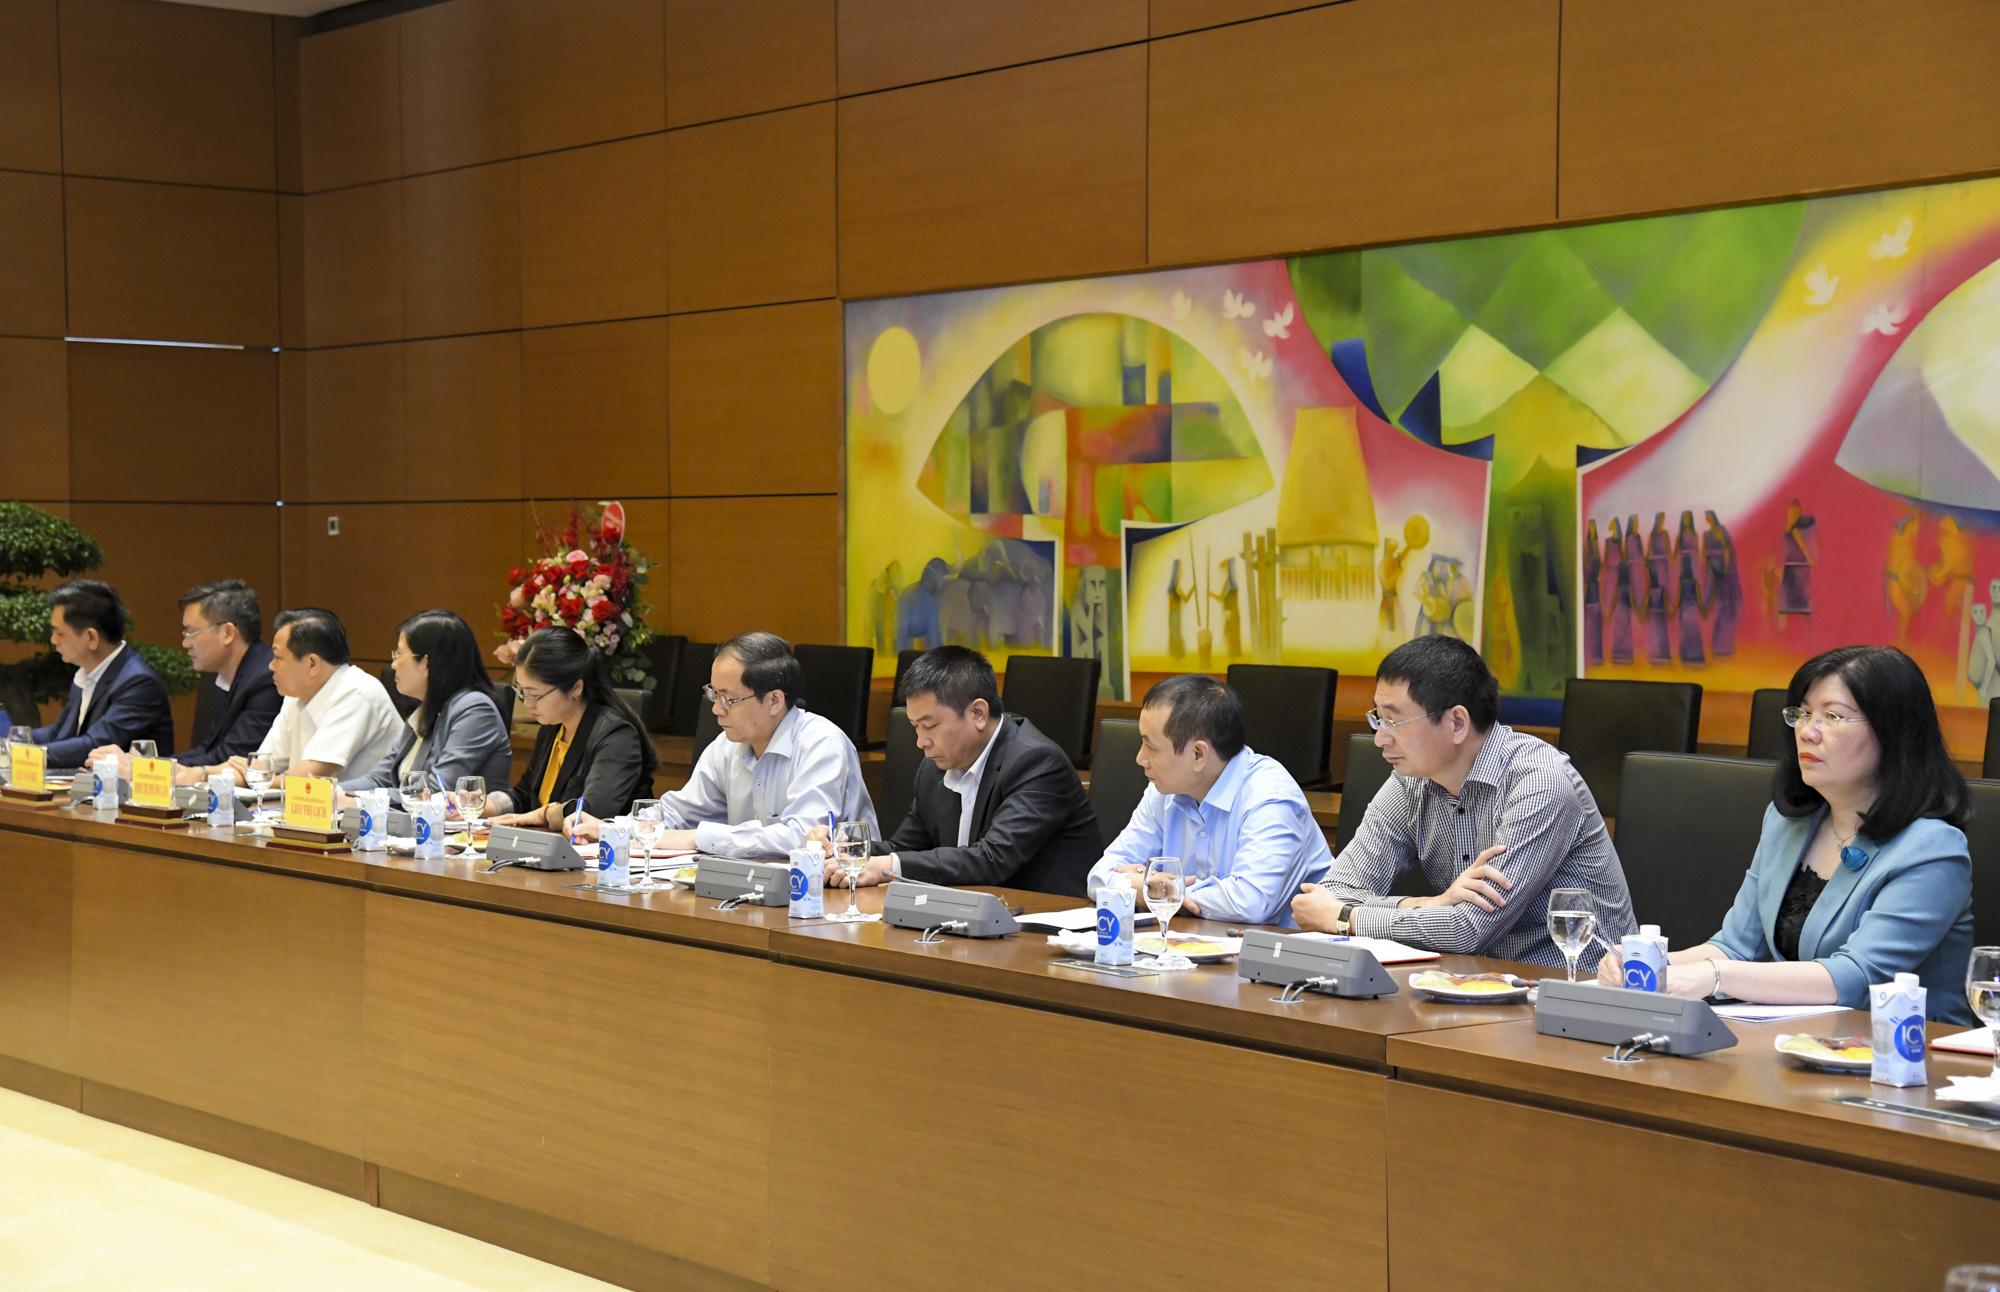 Ảnh: Chủ tịch Quốc hội Vương Đình Huệ làm việc với Hội đồng Dân tộc - Ảnh 9.